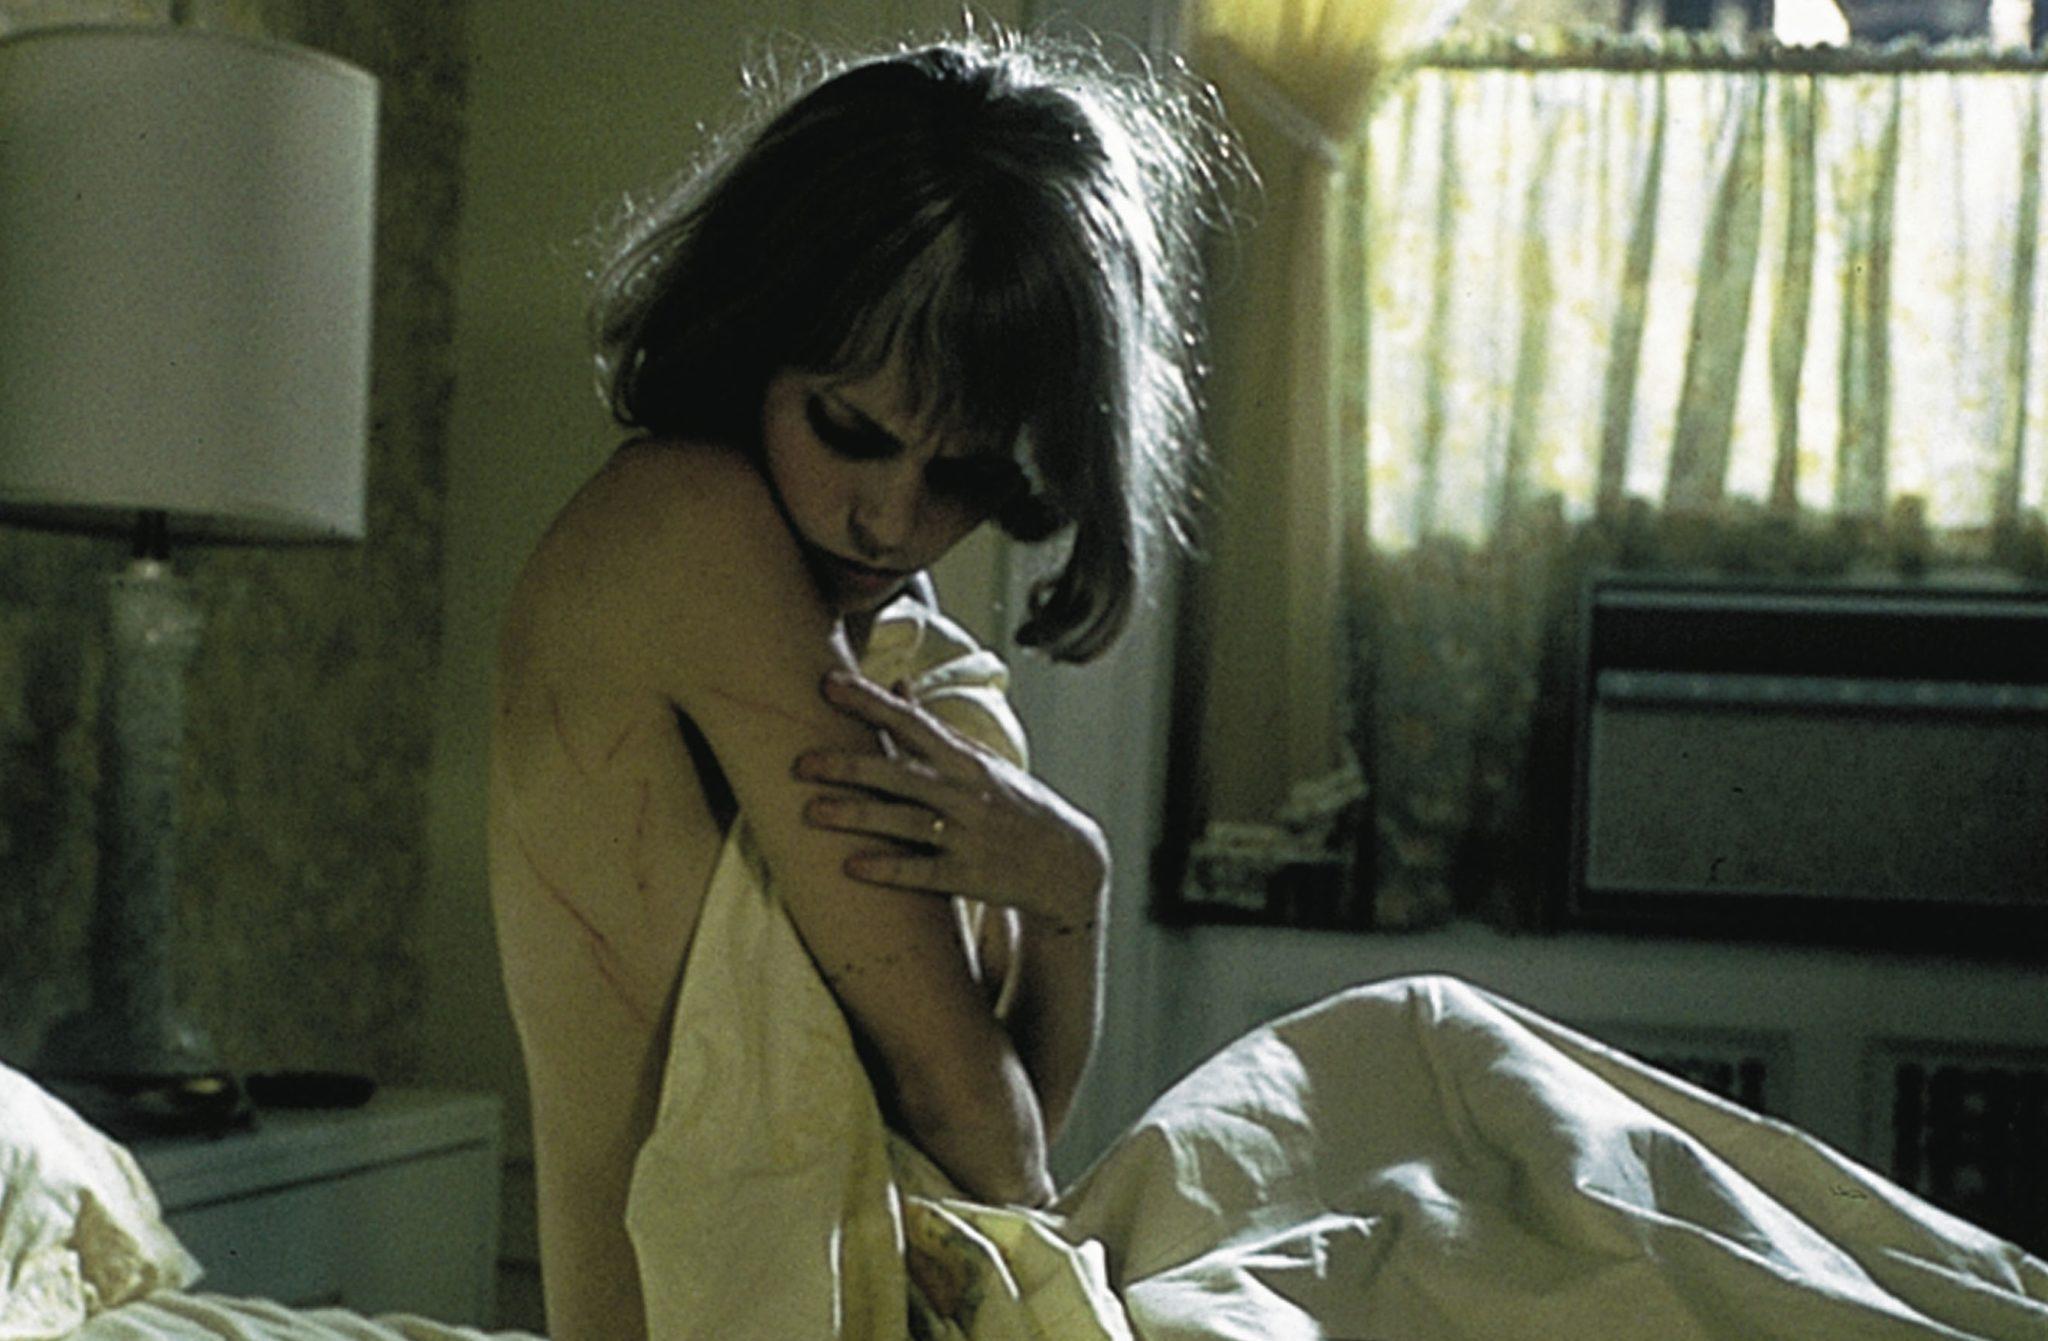 Rosemarie Woodhouse (Mia Farrow) sitzt im Bett und betrachtet überfordert die zahlreichen Schnittwunden an ihrem Körper.